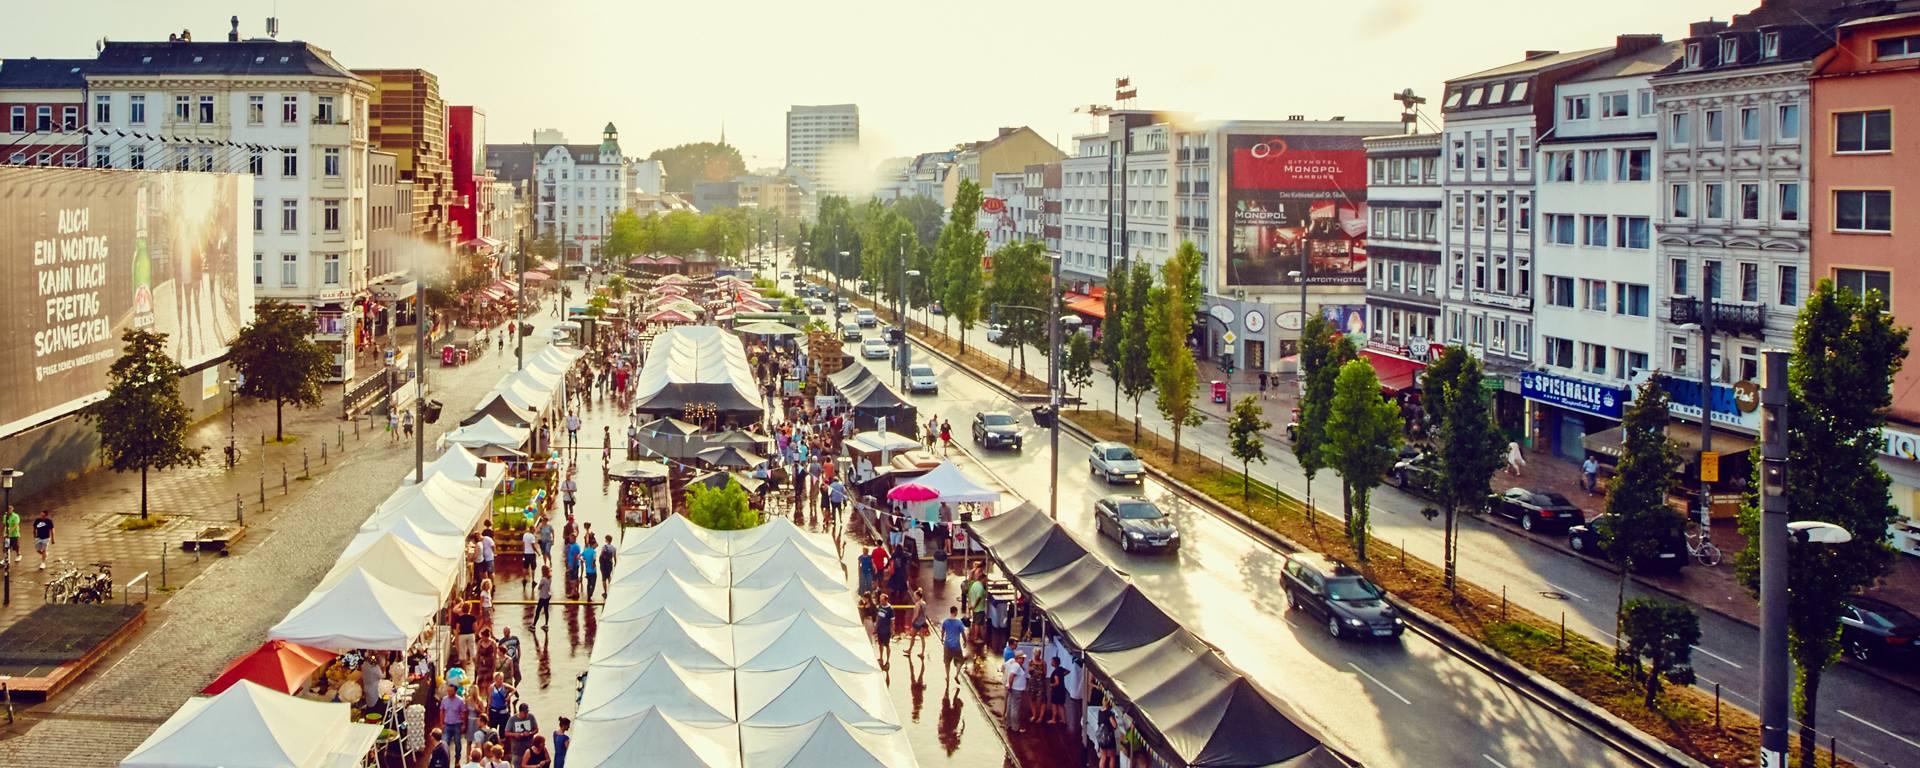 Großstadtdorfplatz – der Biergarten im Herzen der Reeperbahn.